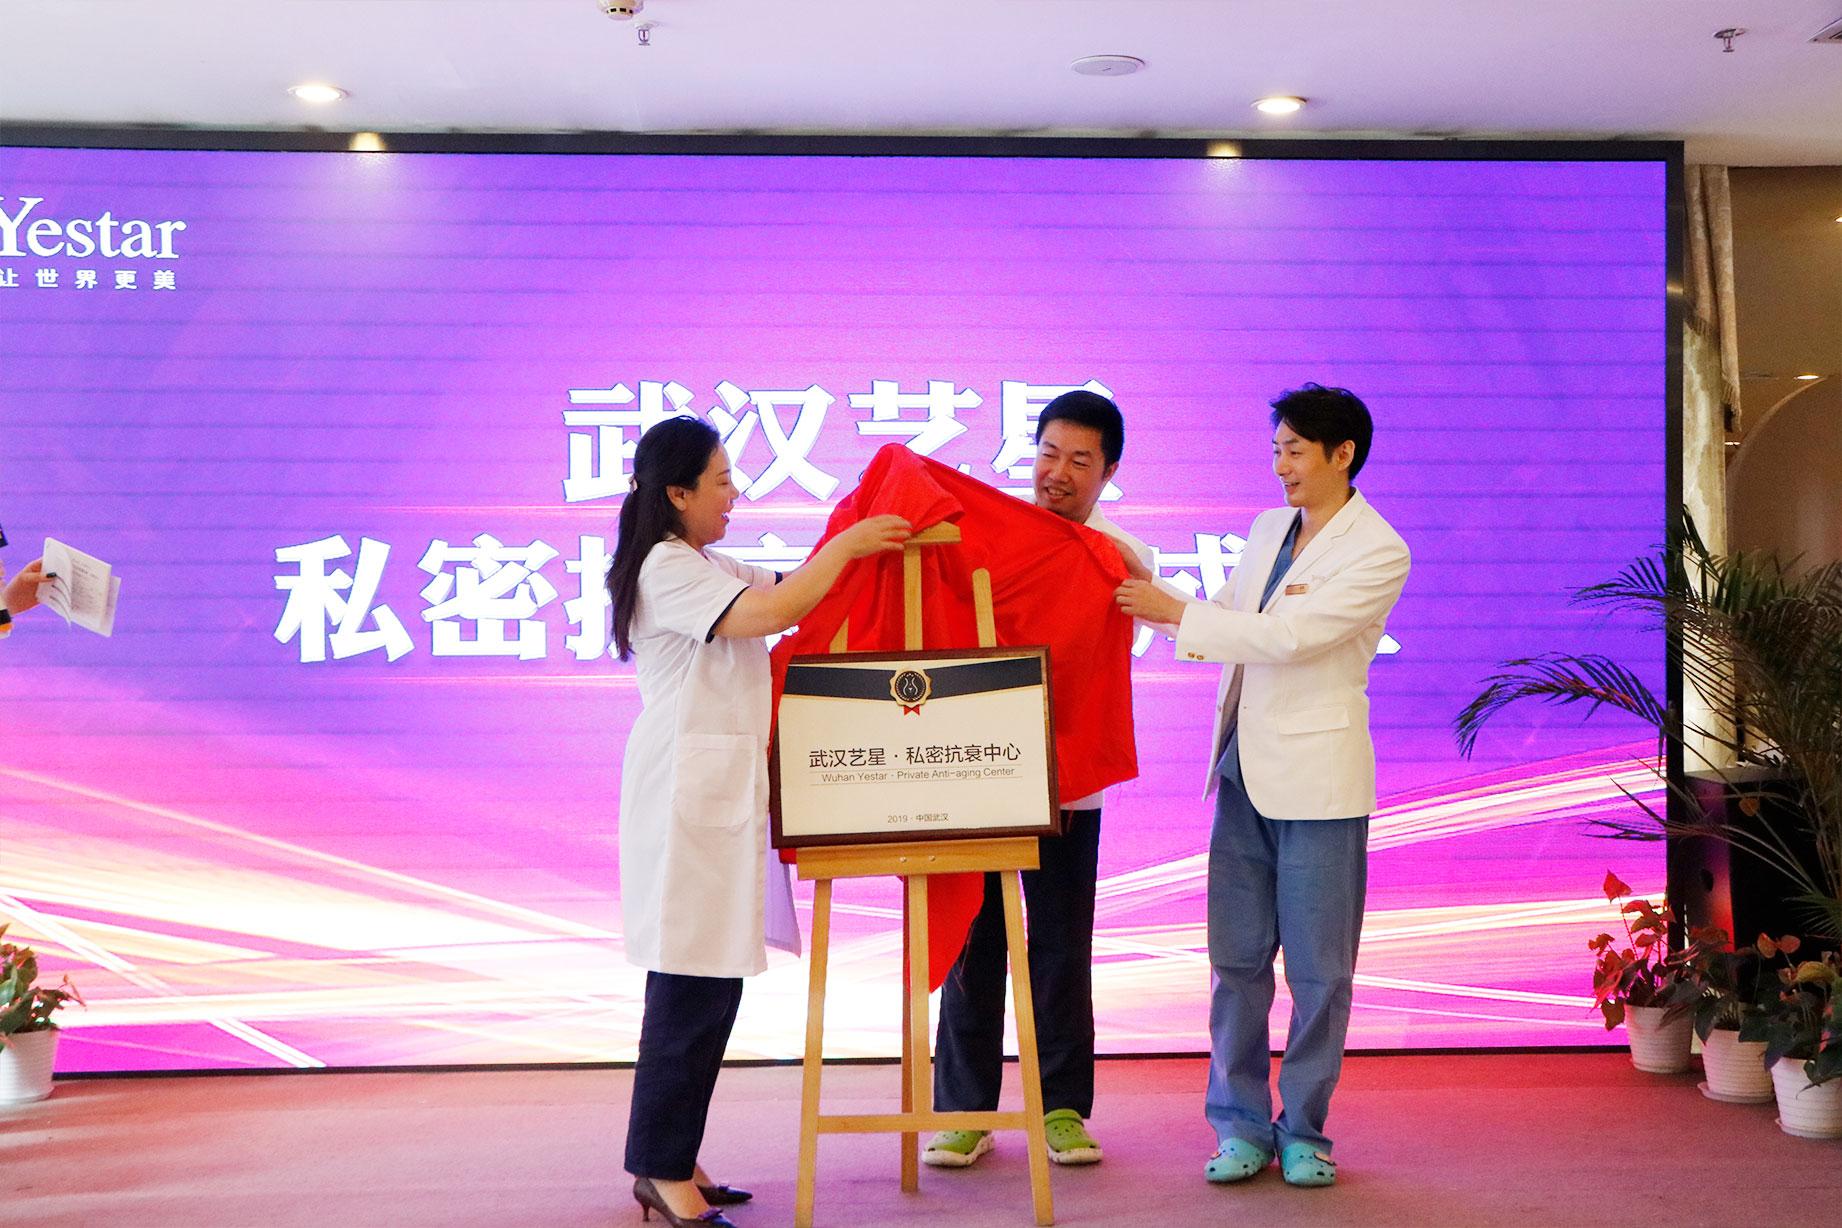 2.武汉艺星私密抗衰中心,正式揭牌成立.JPG